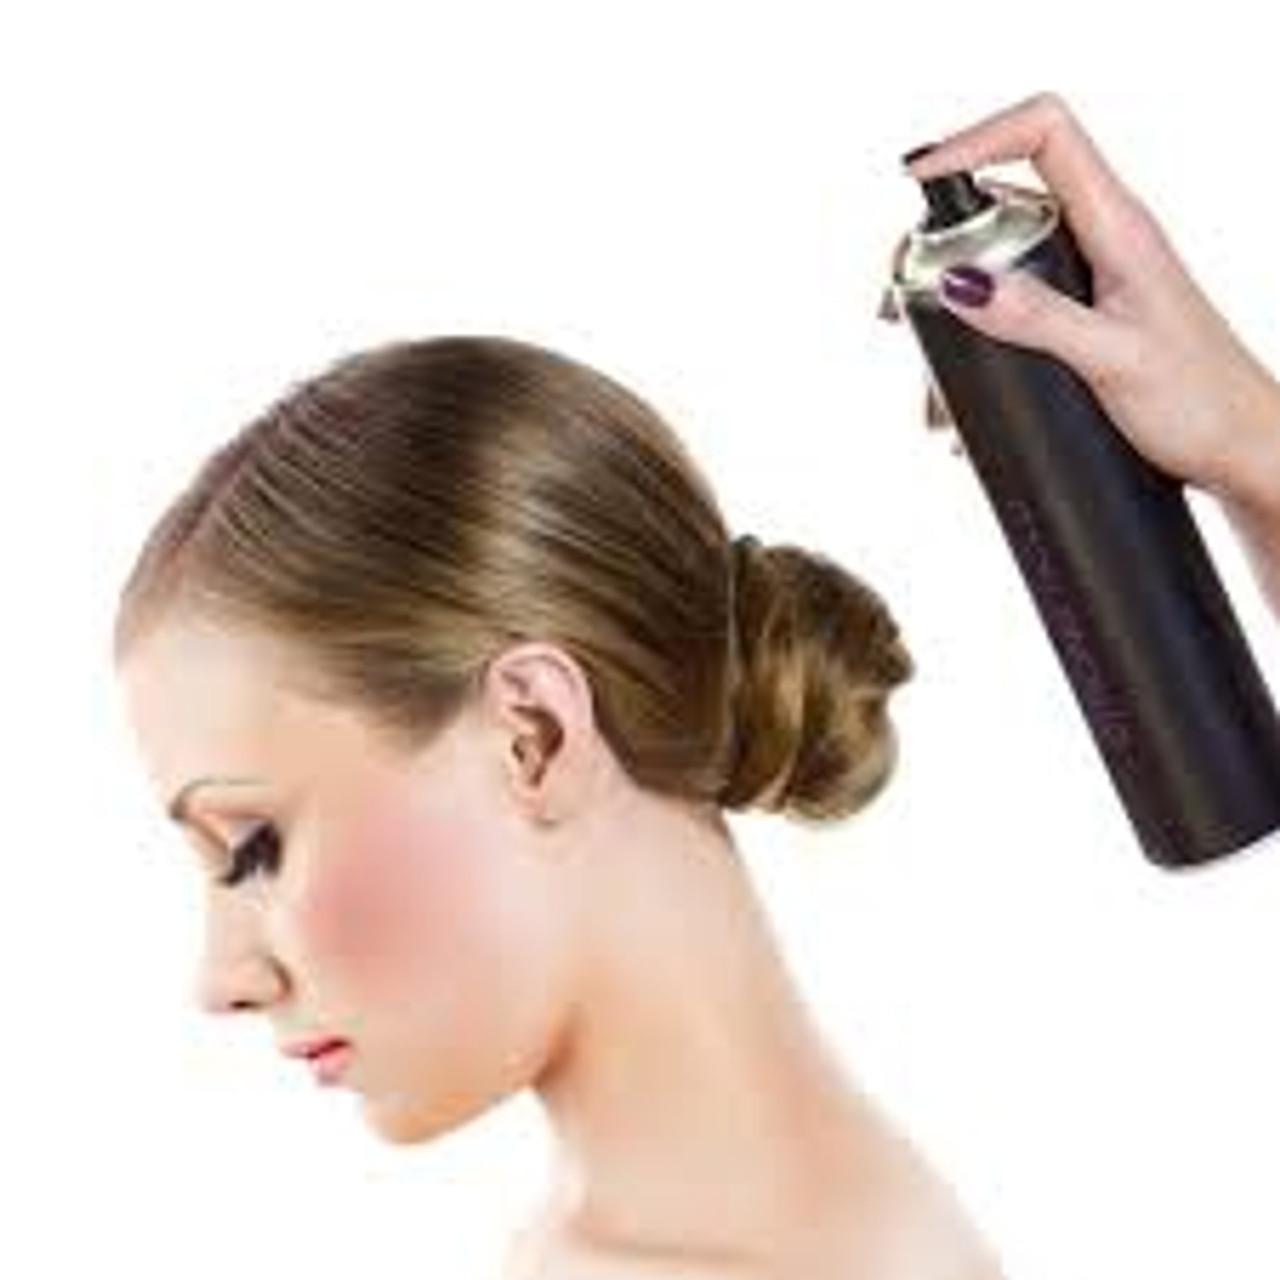 Hair Spray*